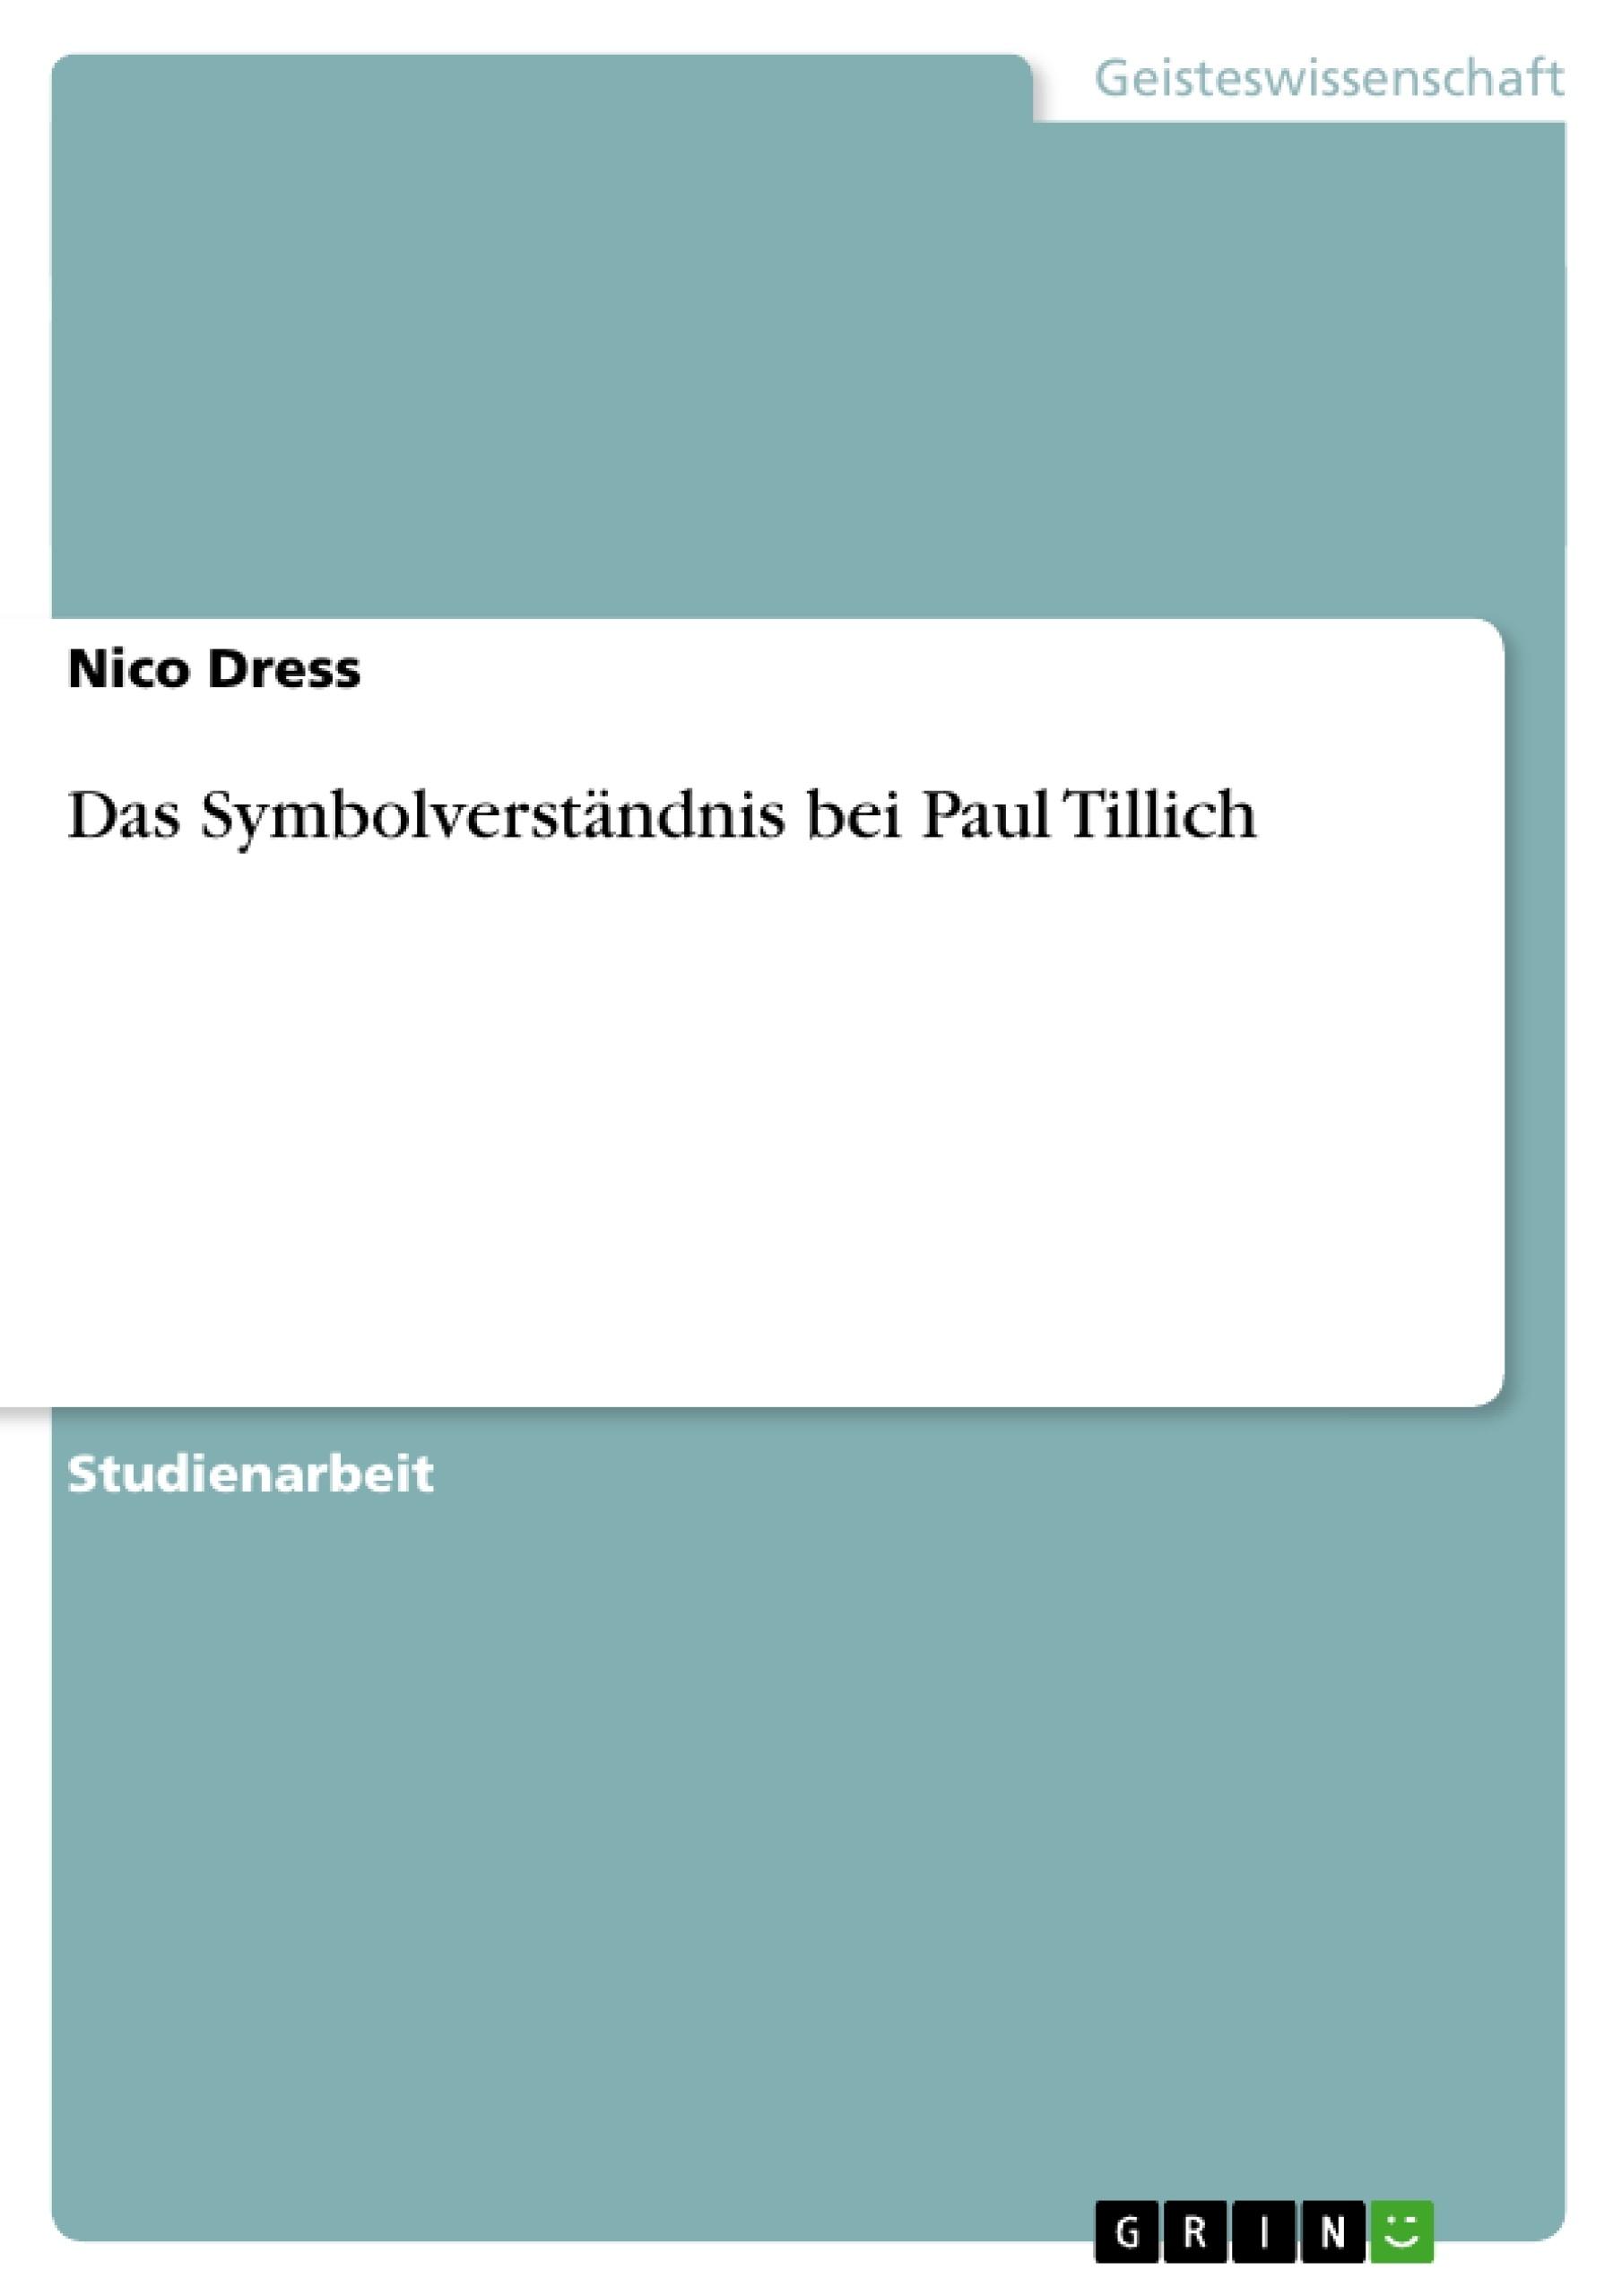 Titel: Das Symbolverständnis bei Paul Tillich